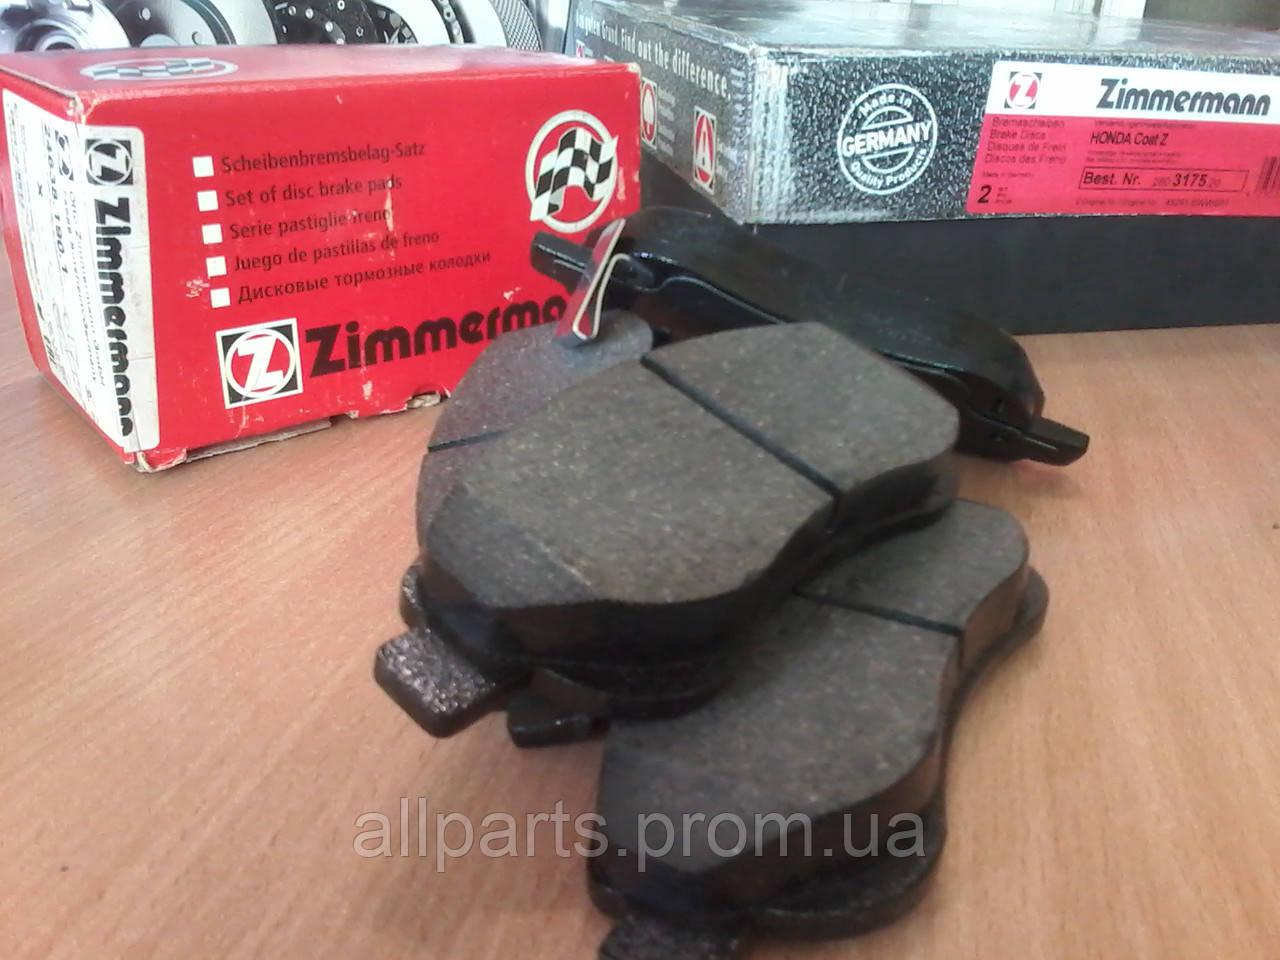 Тормозные колодки Honda CR-V (RE, 2006- ) передние производителя Zimmermann (Германия)